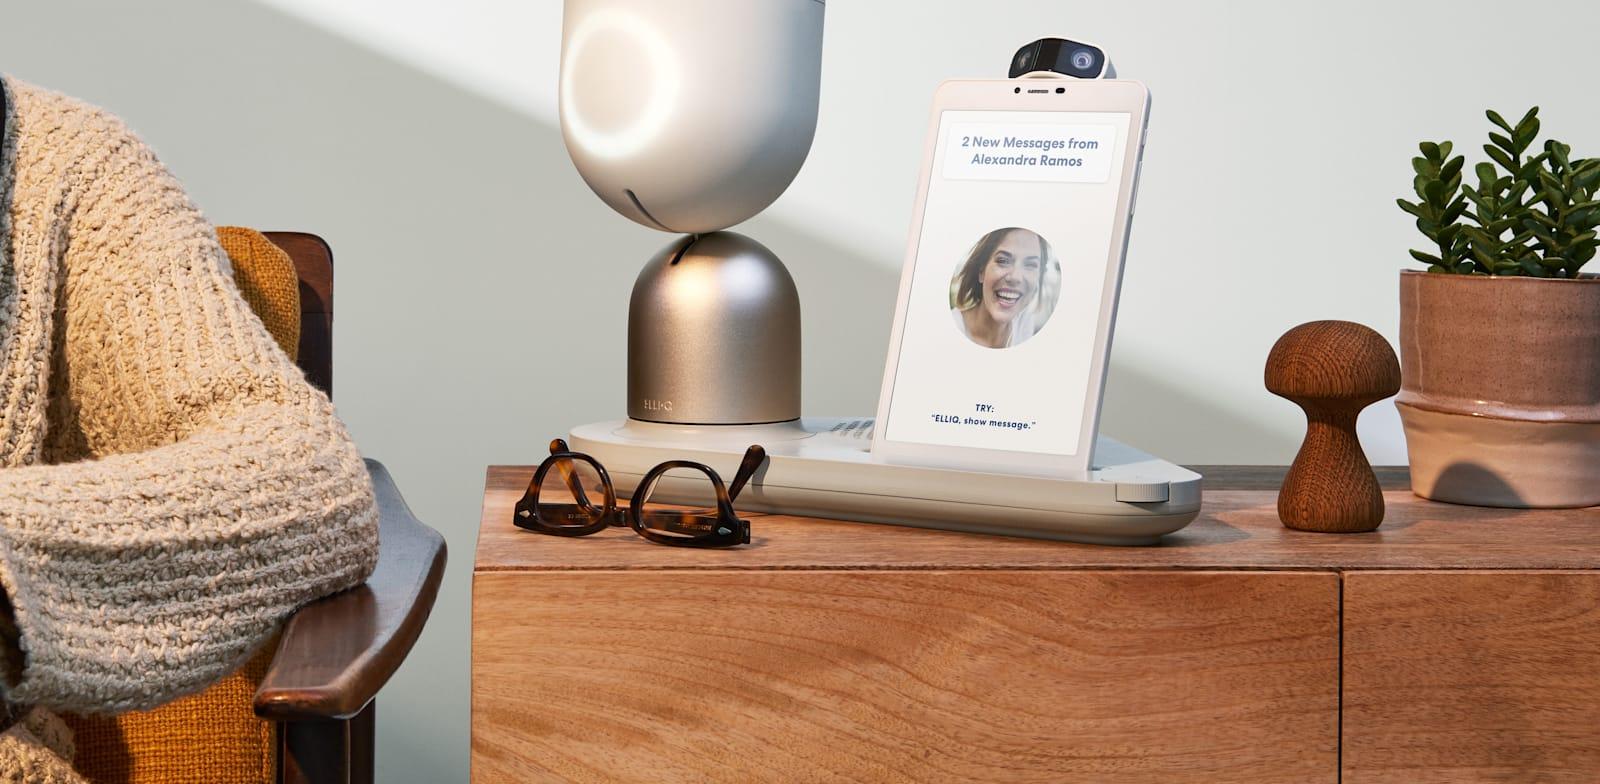 פיתוח של חברת Intuition Robotics, להקלת התקשורת הדיגיטלית של מבוגרים  עם משפחה וחברים / צילום: Intuition Robotics